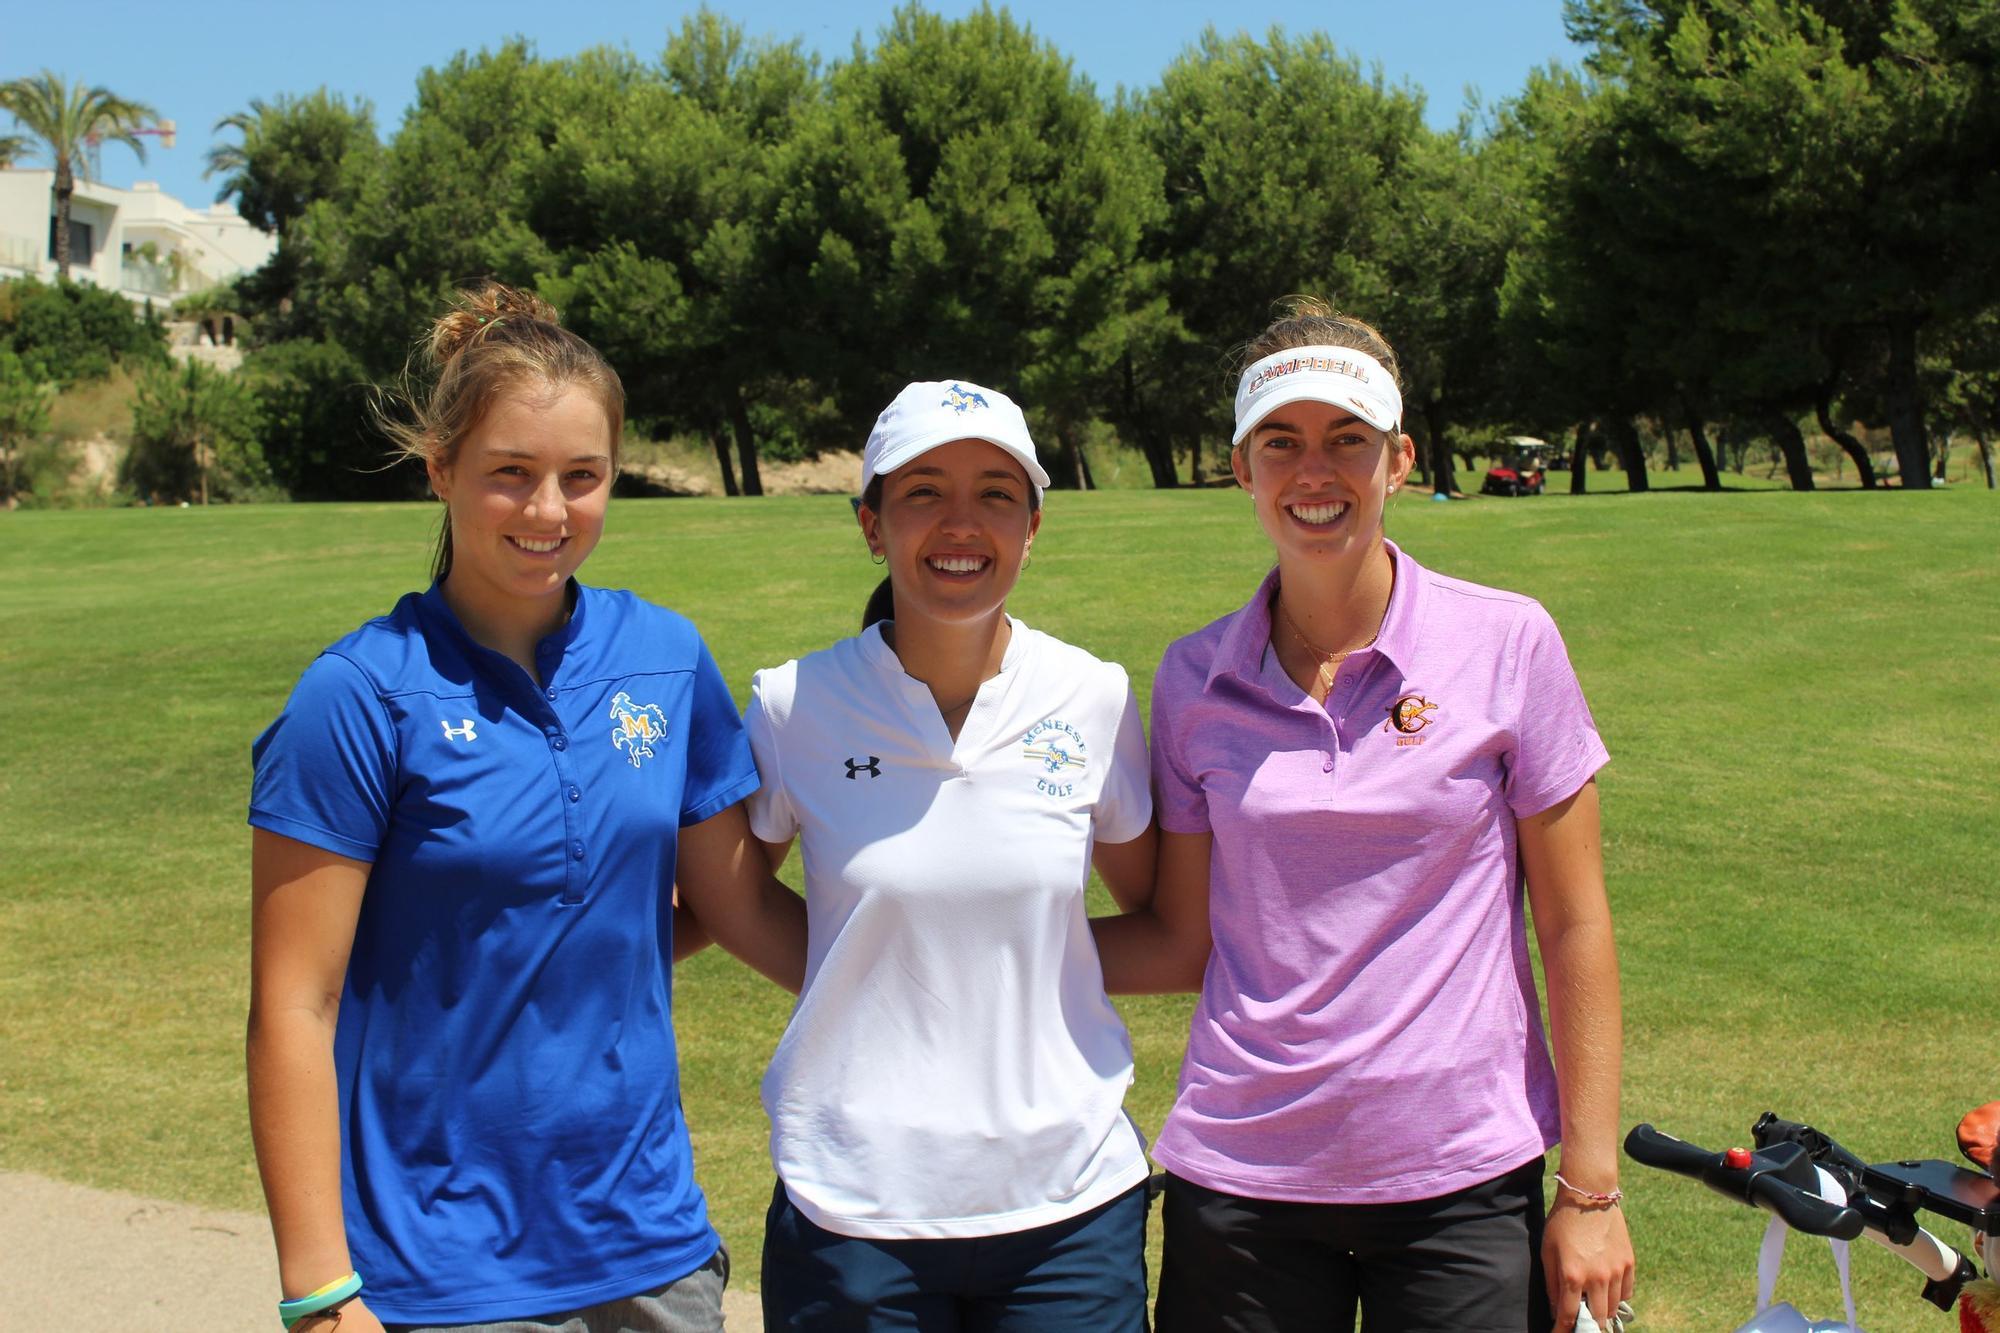 El golf saca su lado más solidario y se vuelca con la fundación 'Dar de Sí'